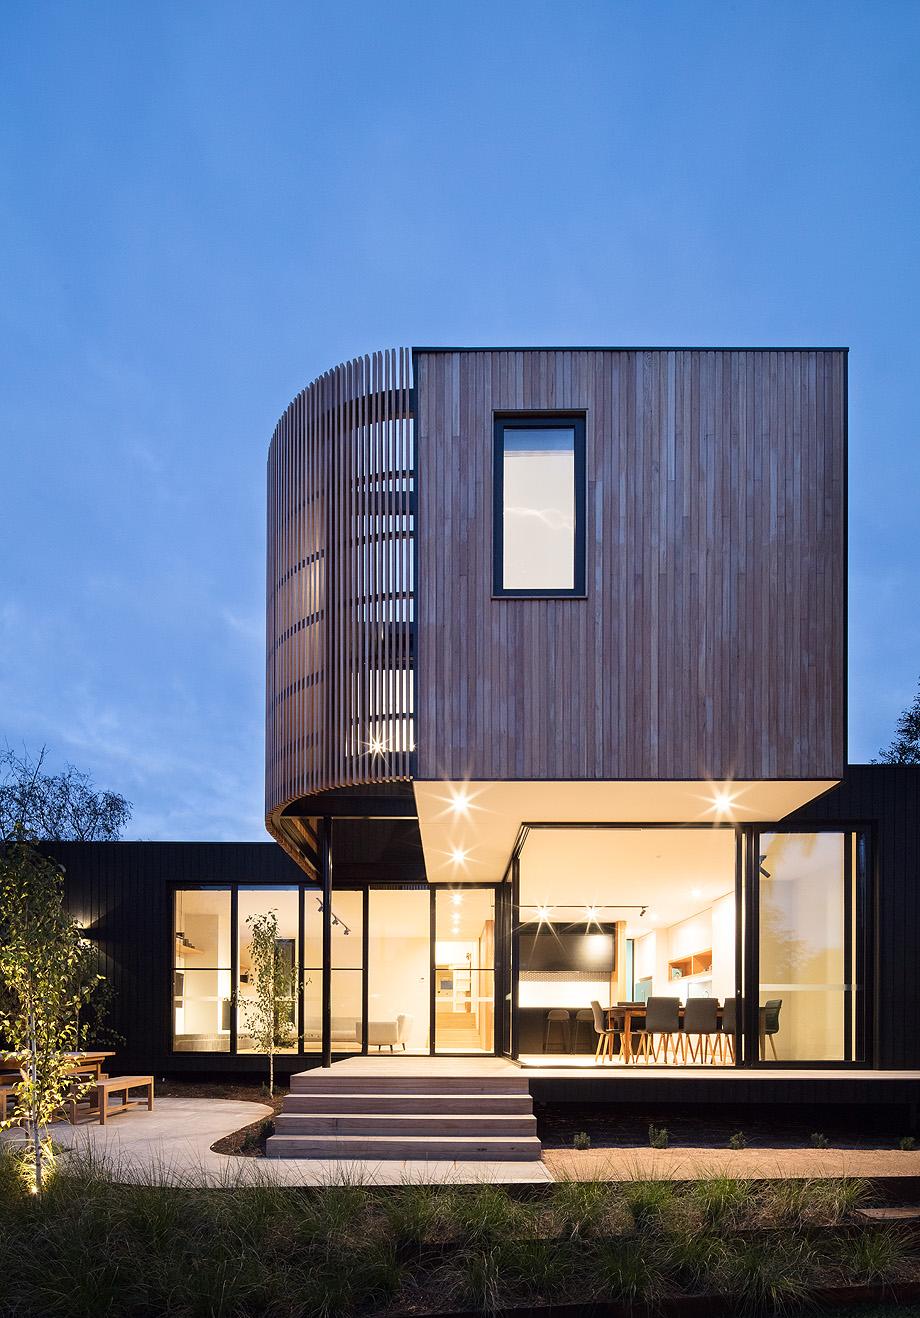 ampliación de una casa por modscape - foto john madden (3)